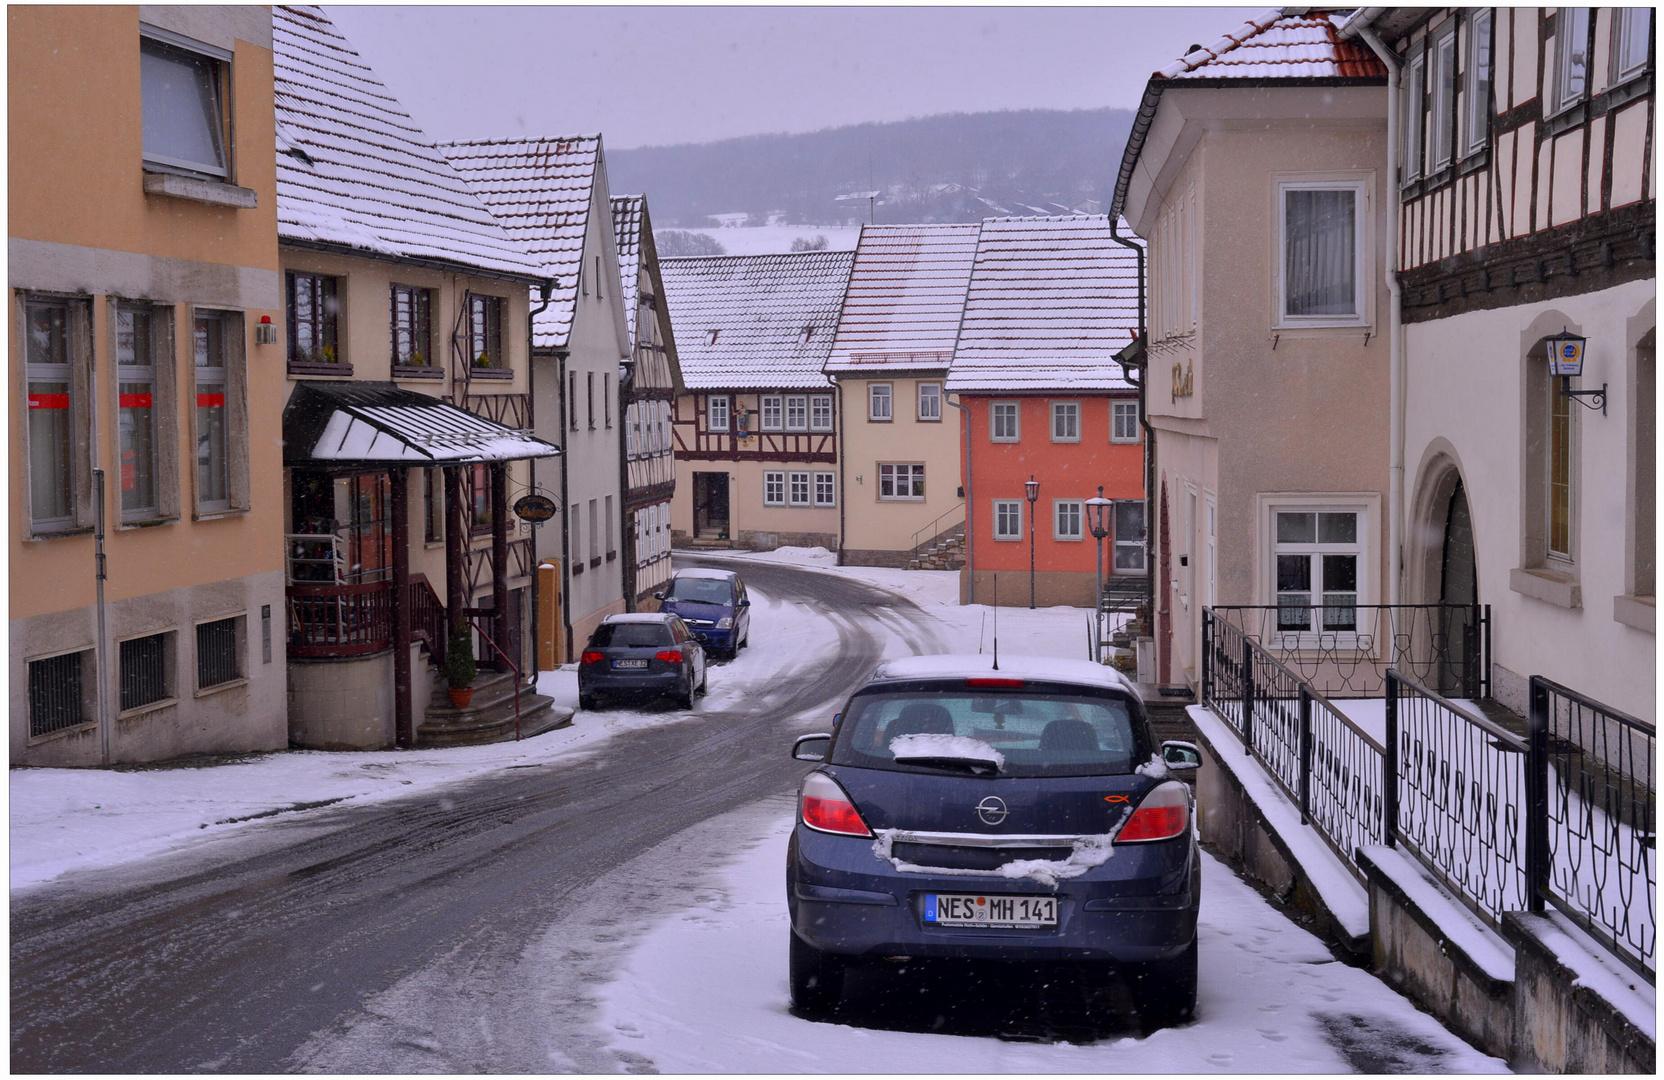 es schneit wieder IV (vuelve a nevar IV)